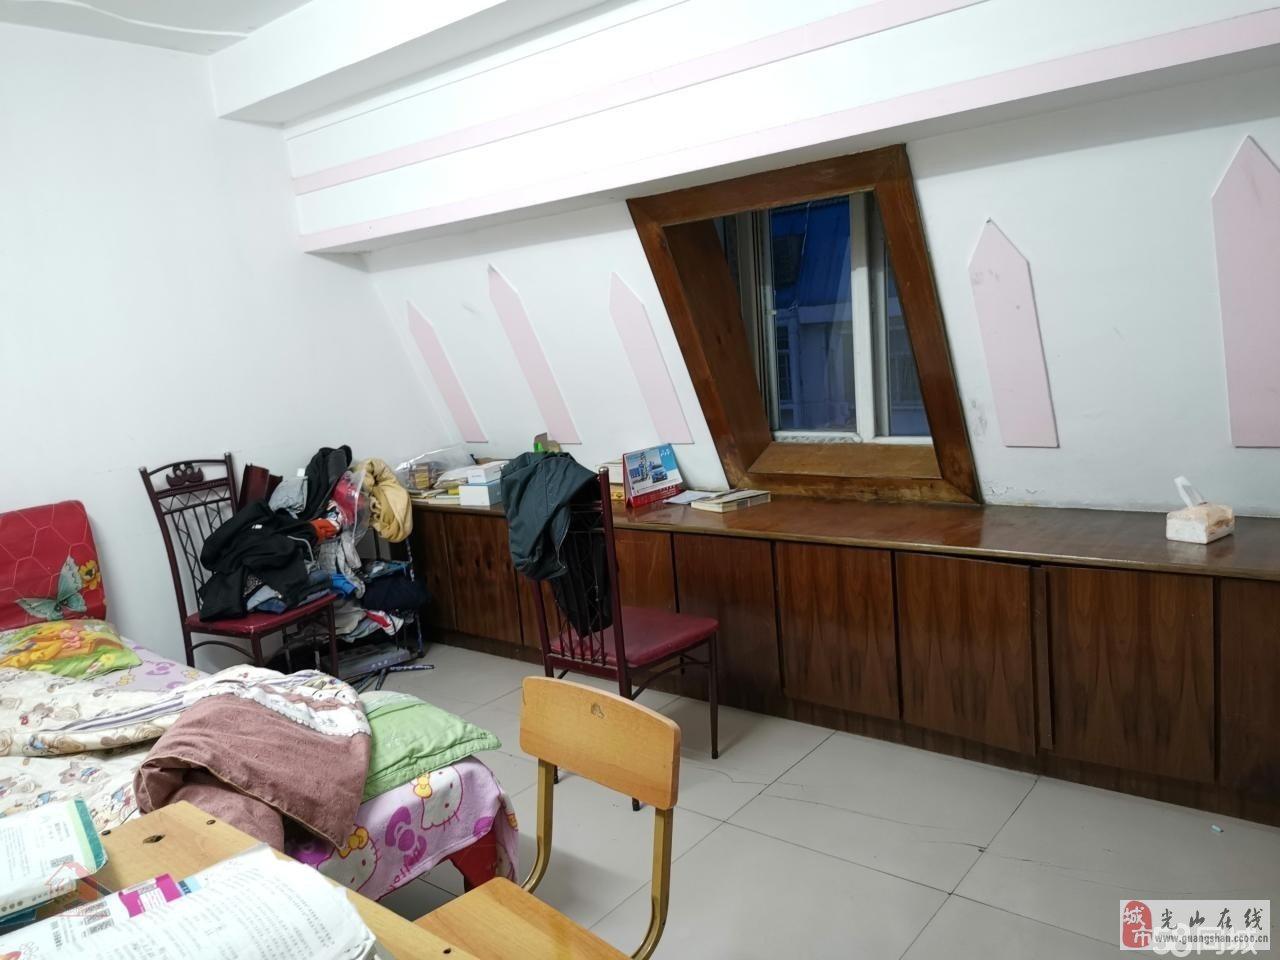 紫弦庭苑4室2厅2卫52万元